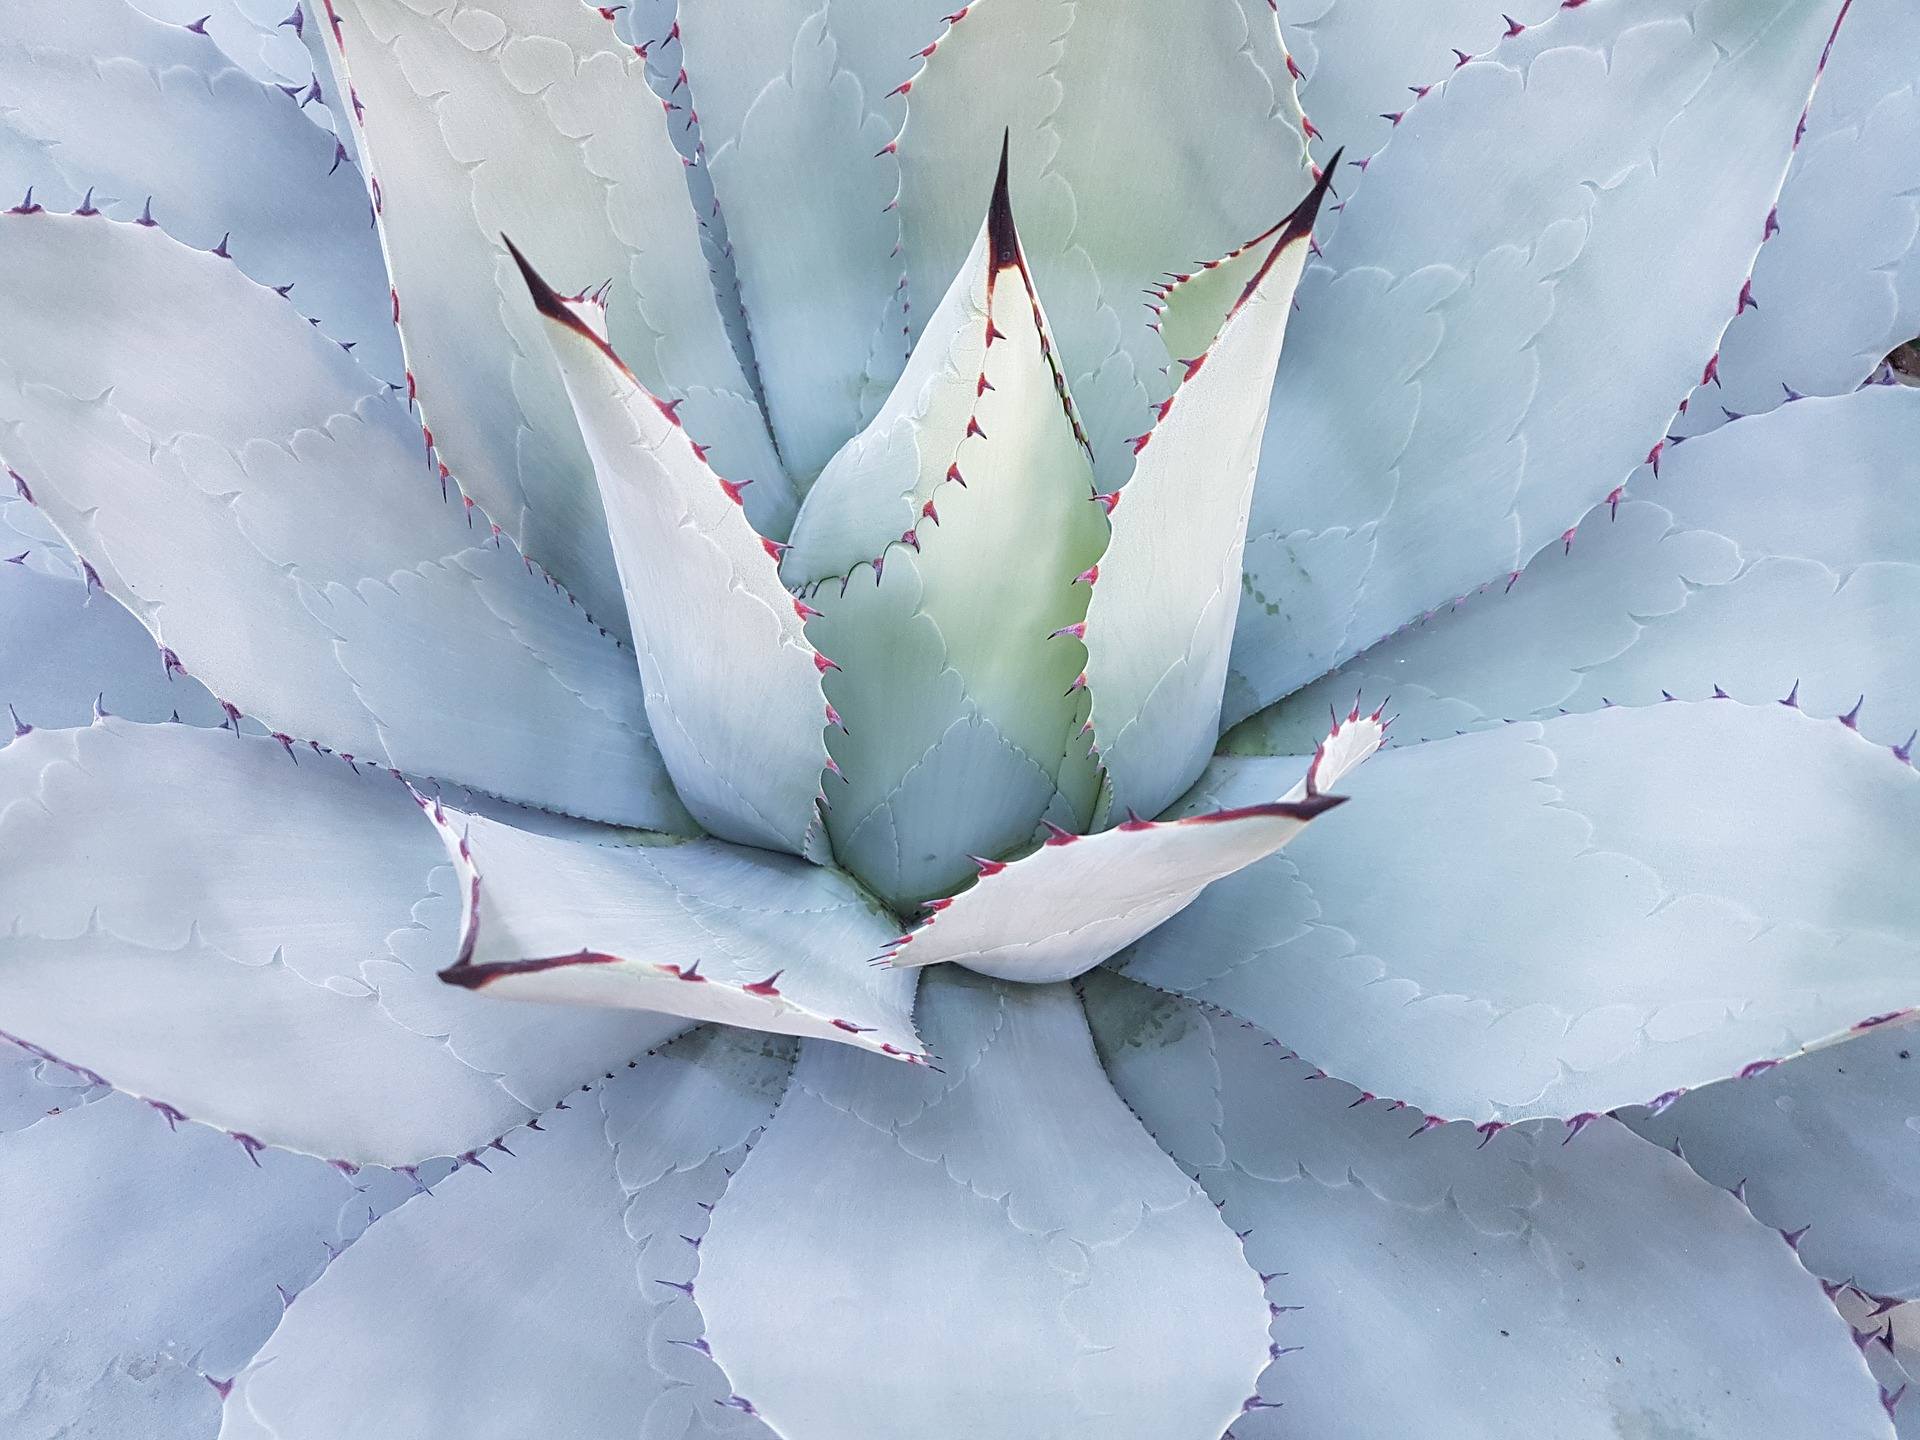 cactus-1750940_1920.jpg